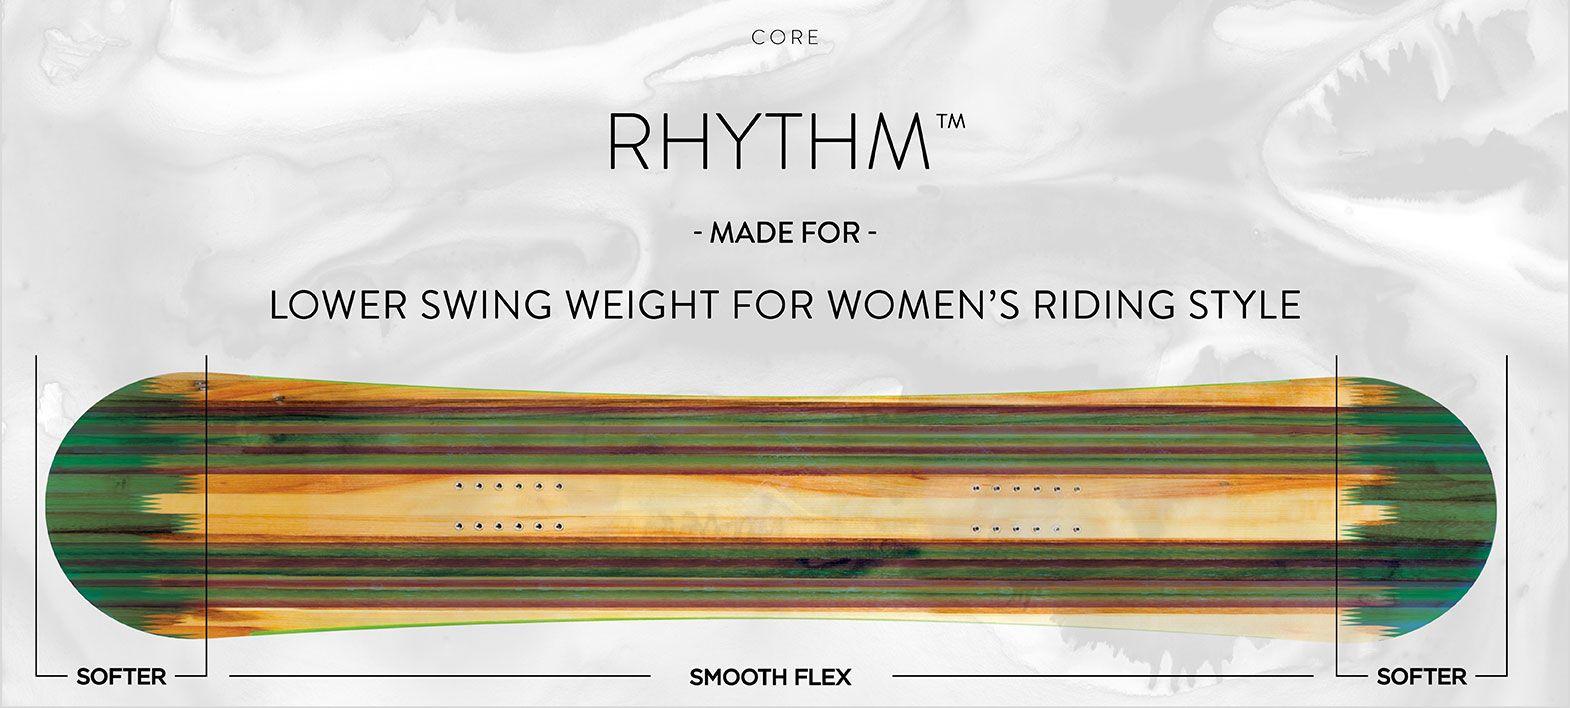 Tech – Rhythm Core